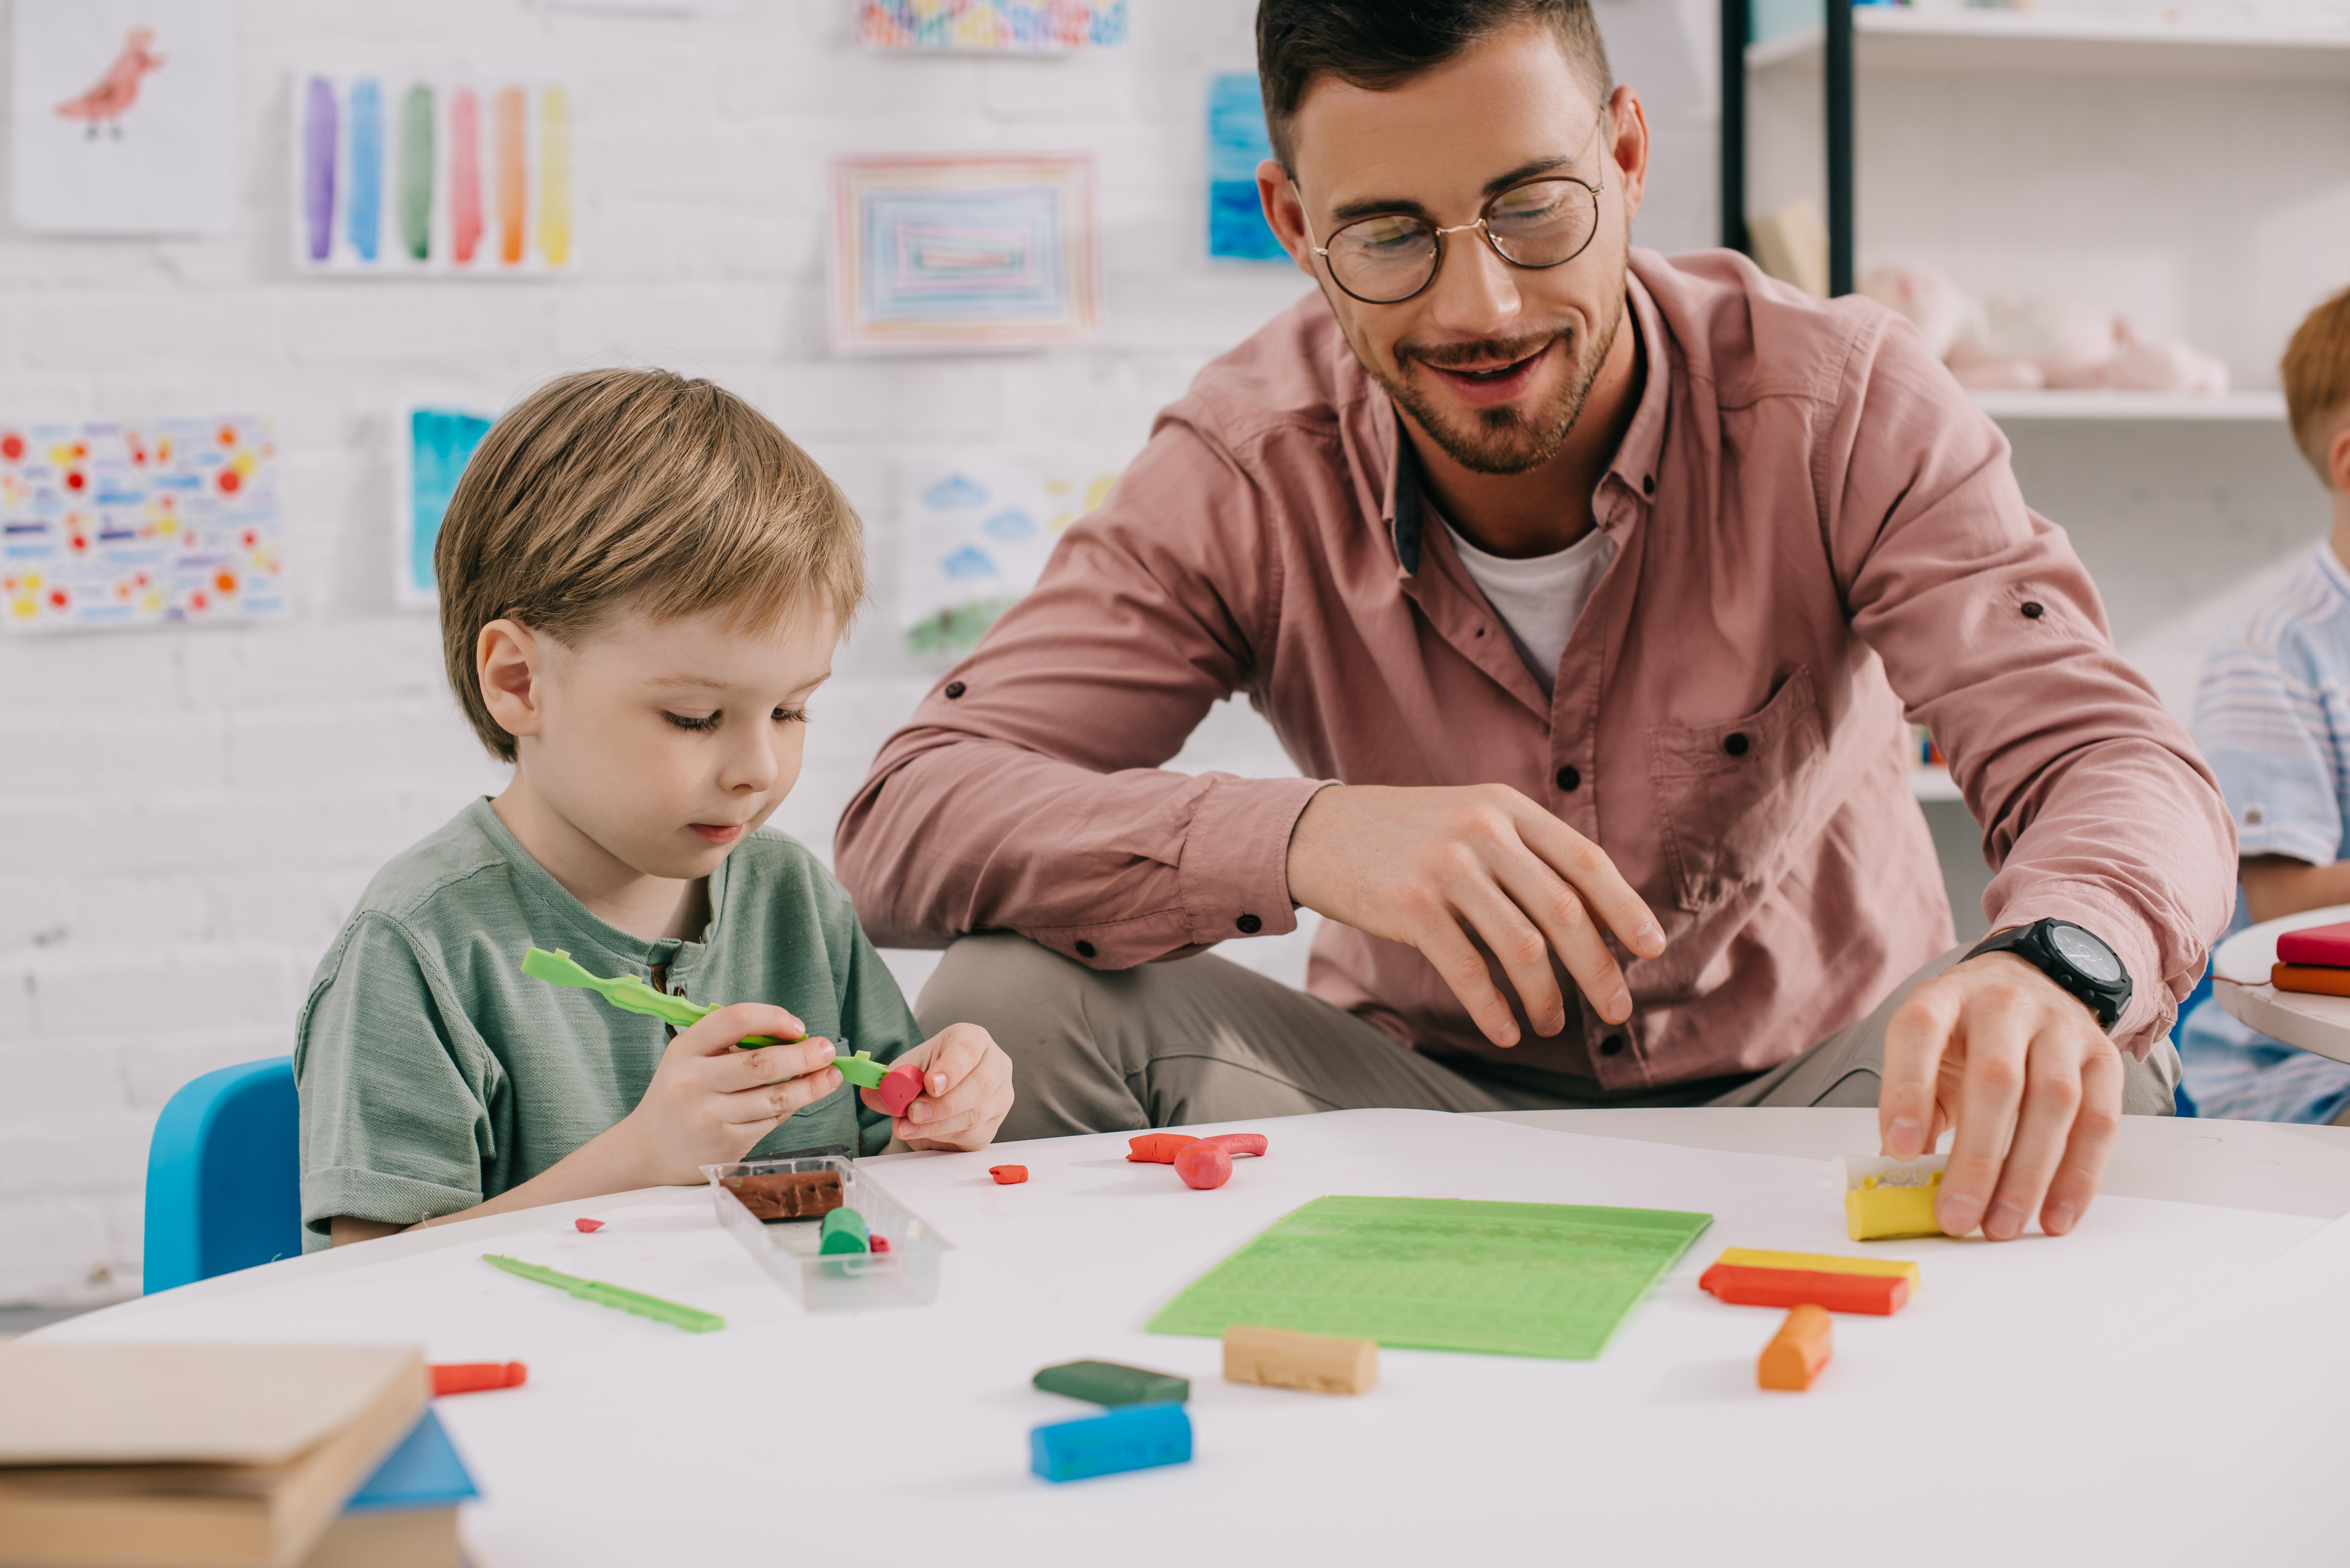 Cómo abordar dificultades de aprendizaje en alumnos con necesidades específicas gracias a un adecuado apoyo educativo (30 horas)